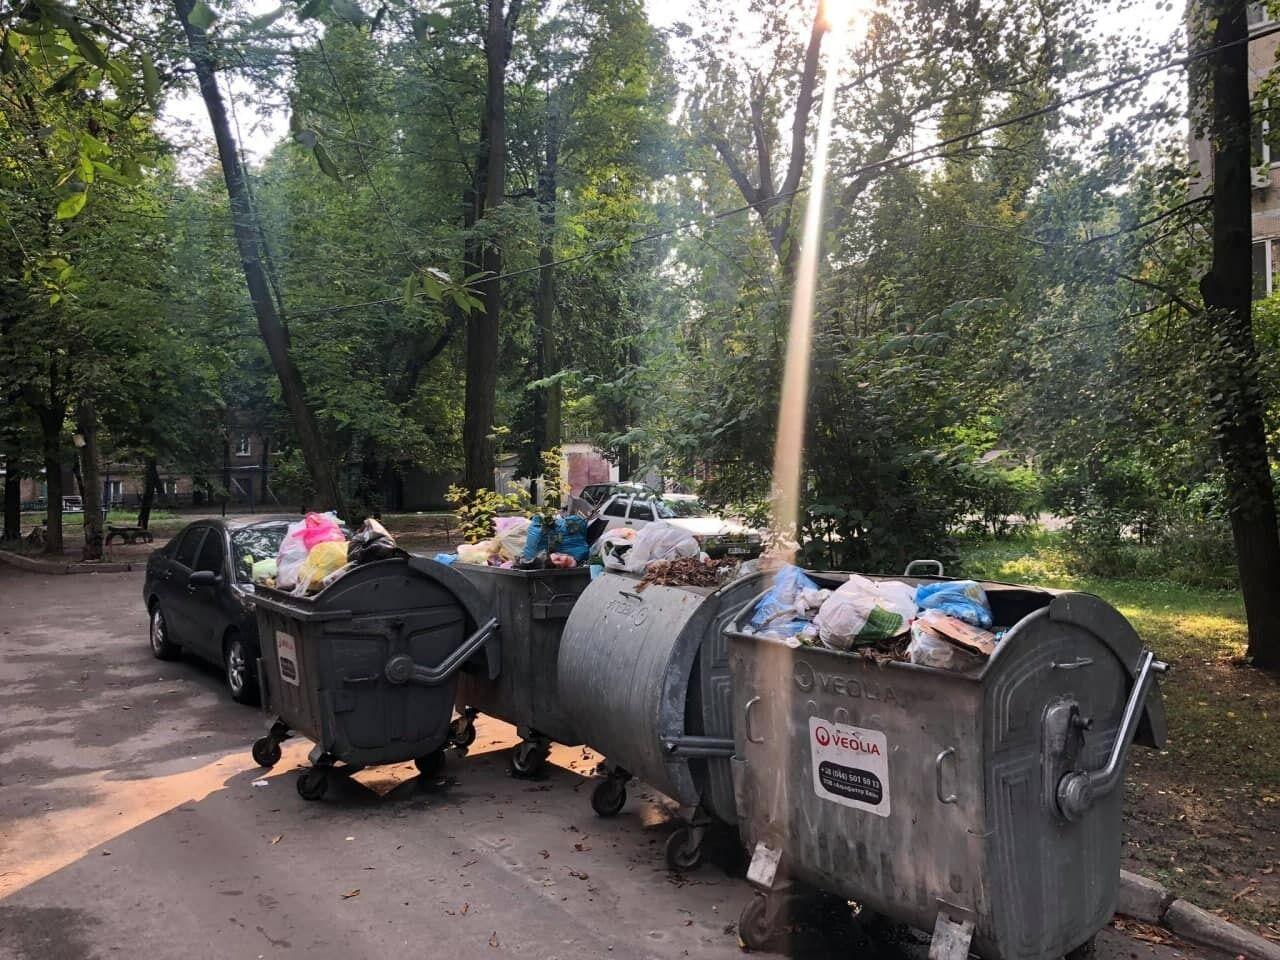 Легковик стояв упритул до сміттєвих баків.